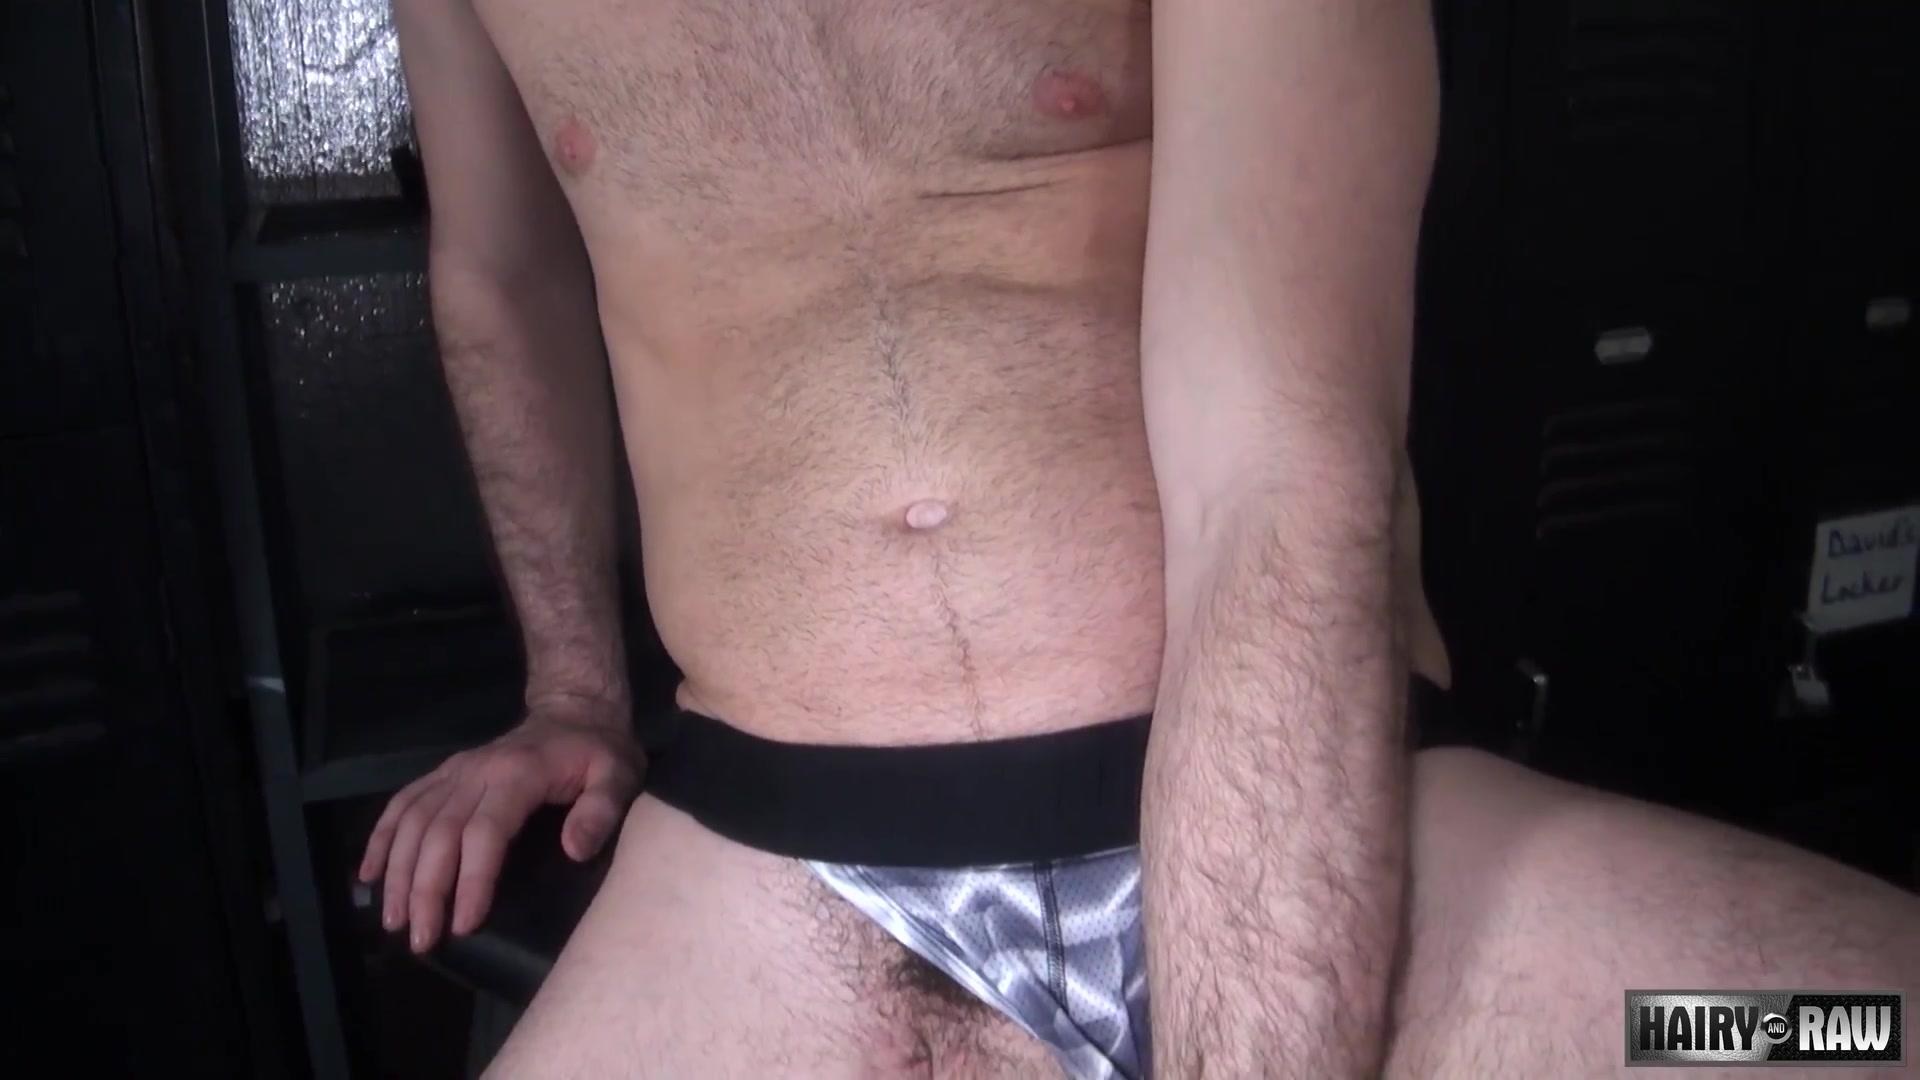 Owns Mason Porn alex mason & dalton hawg 2017 gay porno hd online